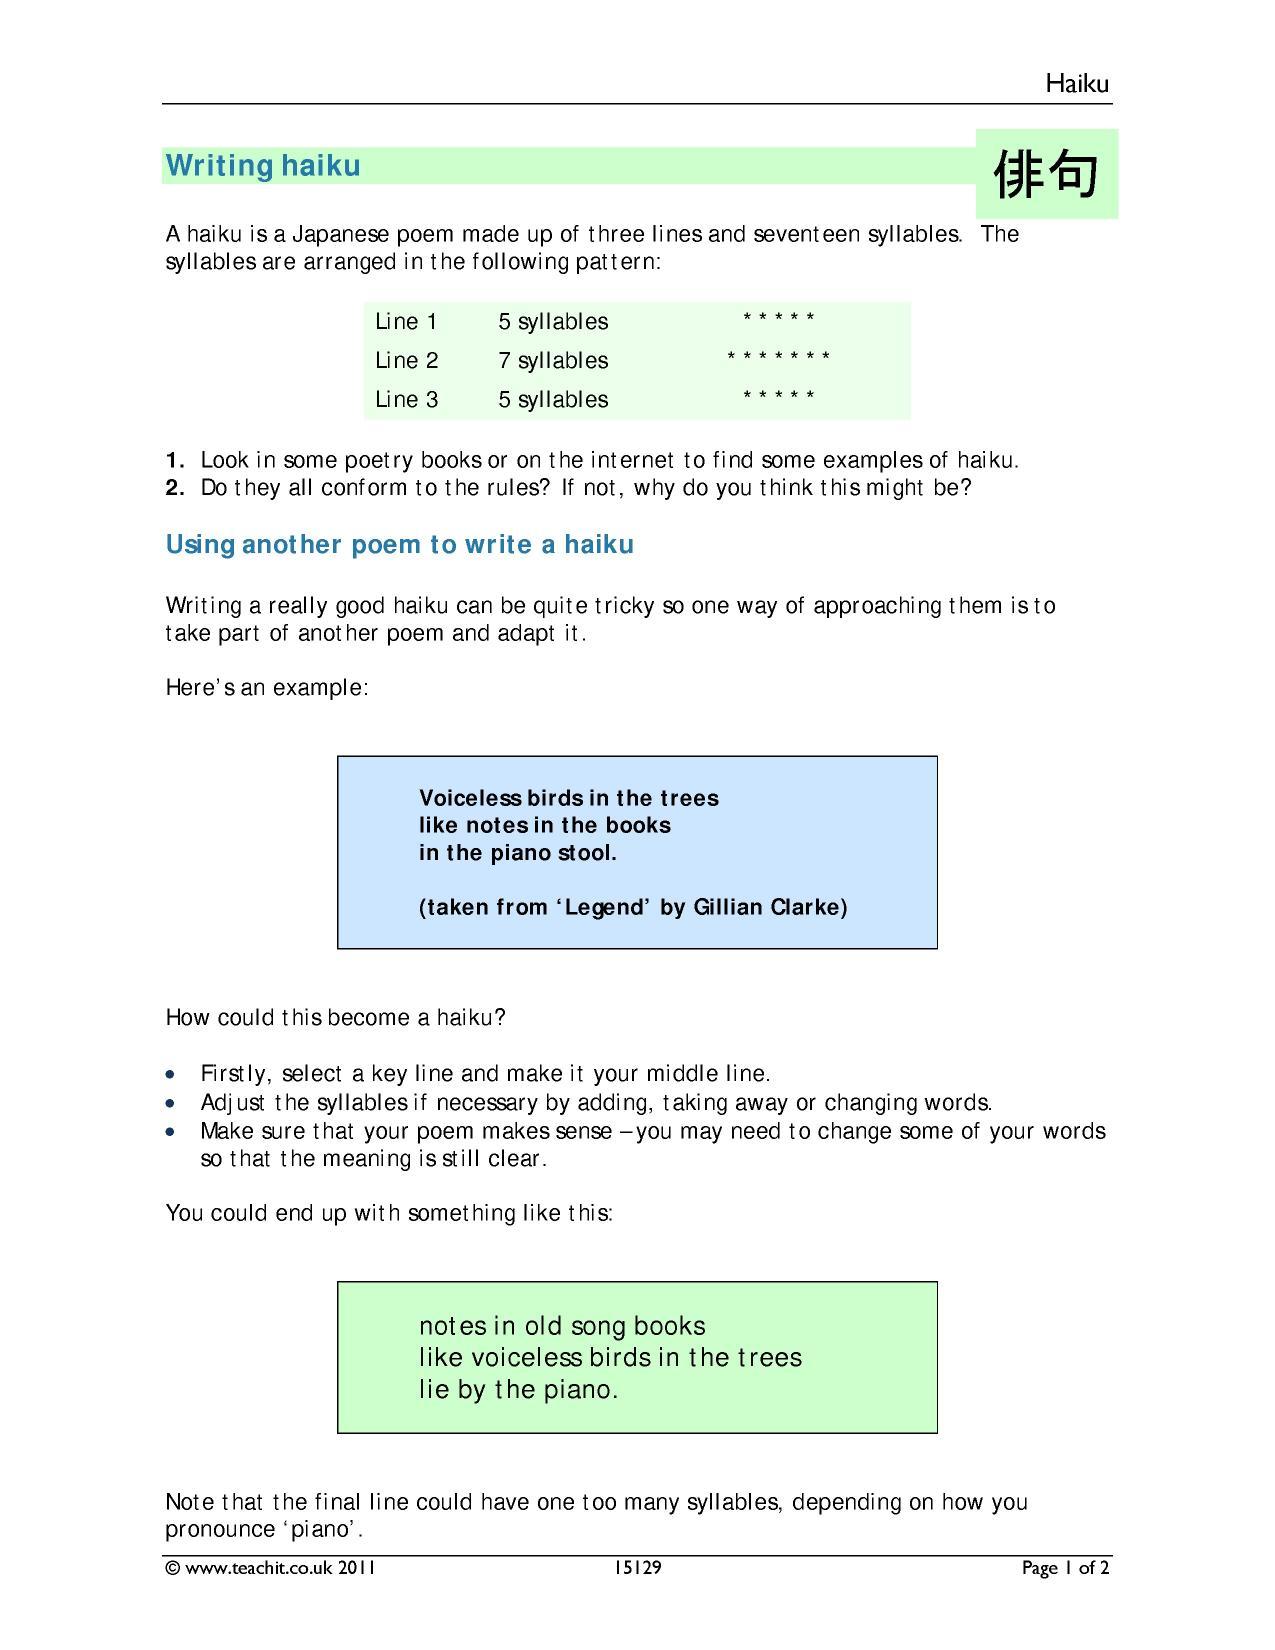 worksheet Haiku Worksheet ks3 writing poetry teachit english 2 preview